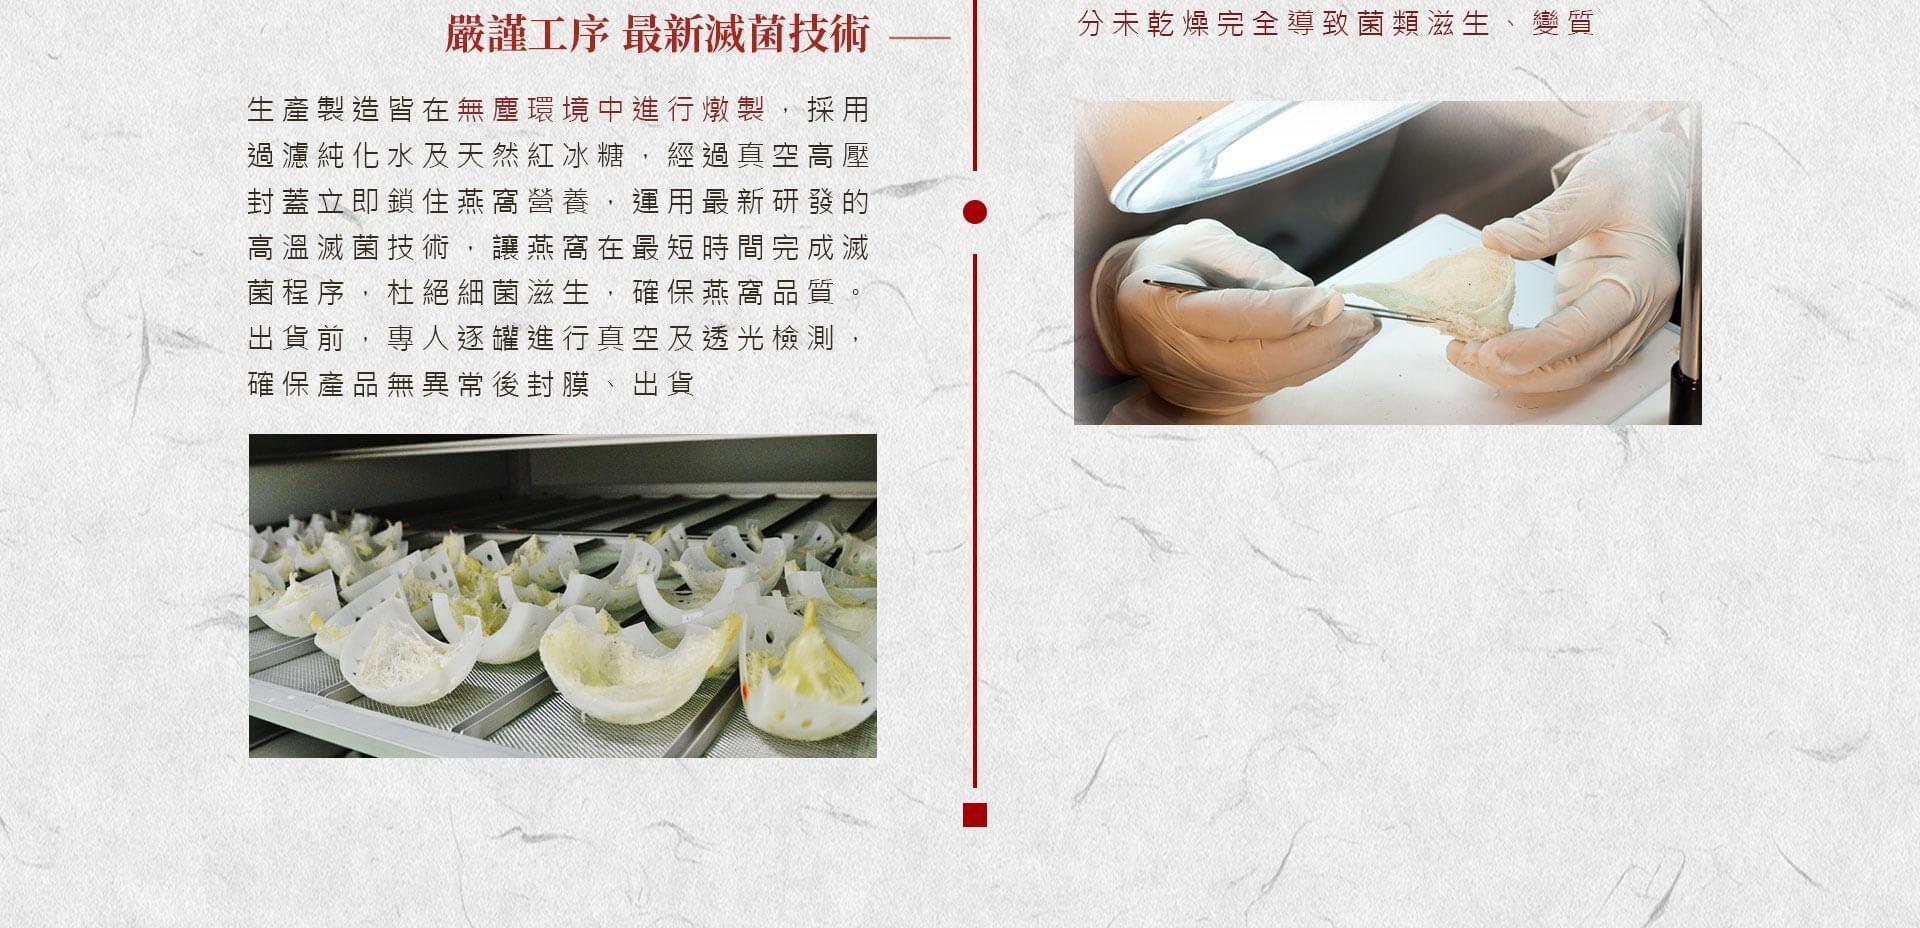 潤燕窩滅菌技術